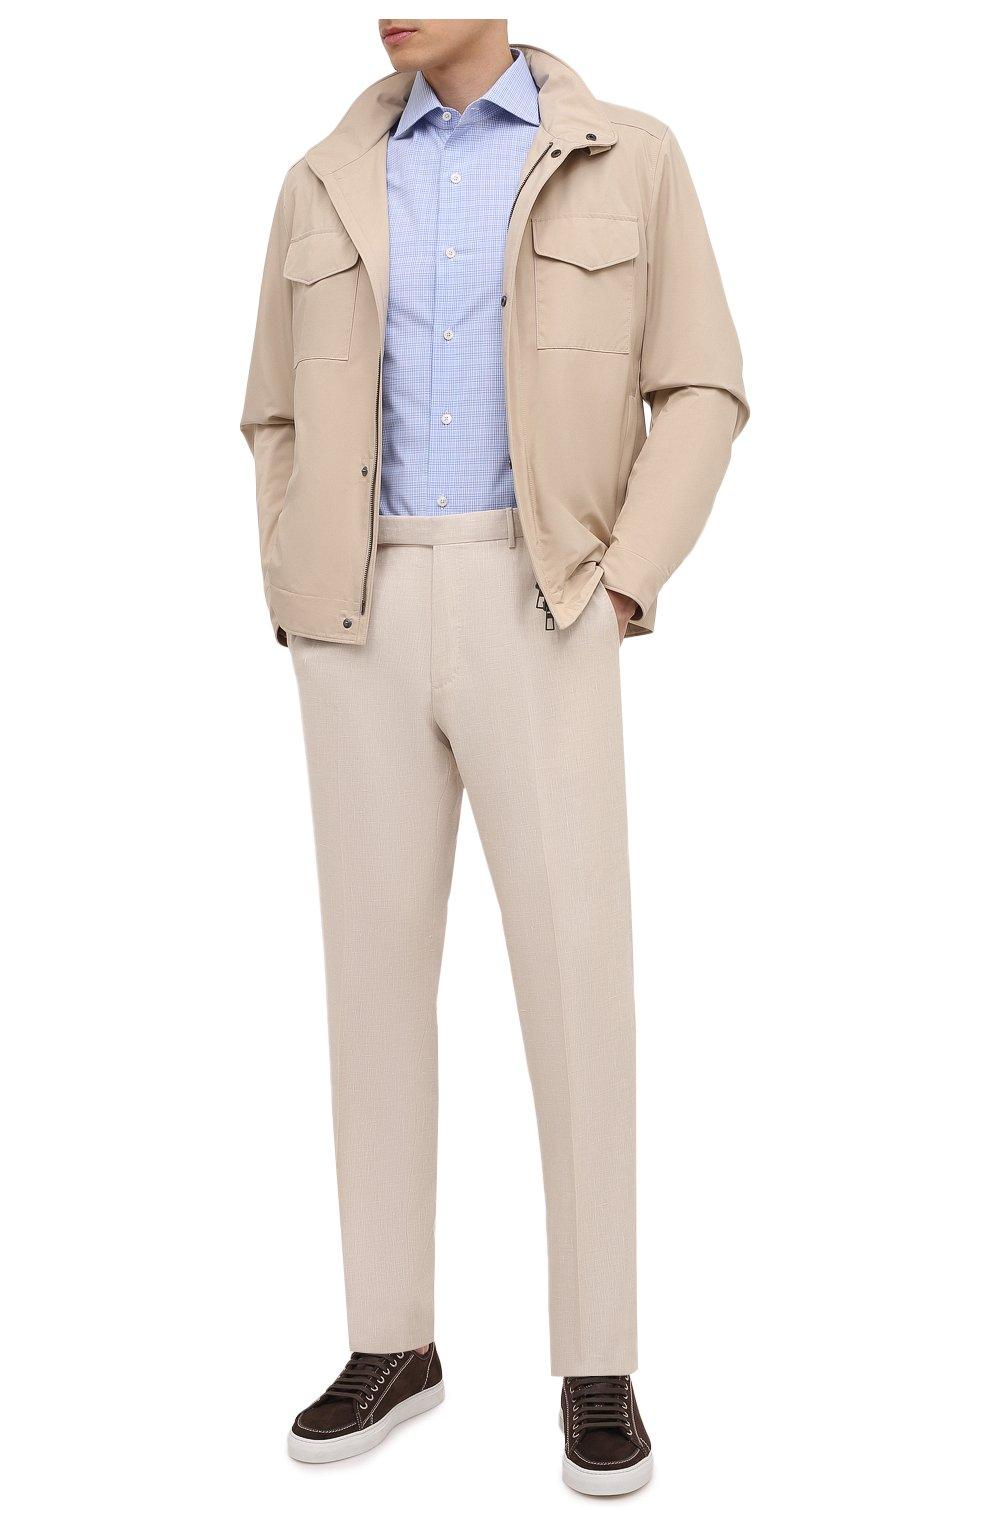 Мужские брюки из шерсти и льна ERMENEGILDO ZEGNA светло-бежевого цвета, арт. 915F01/75TB12   Фото 2 (Материал внешний: Шерсть, Лен; Длина (брюки, джинсы): Стандартные; Случай: Повседневный; Материал подклада: Вискоза; Стили: Кэжуэл)